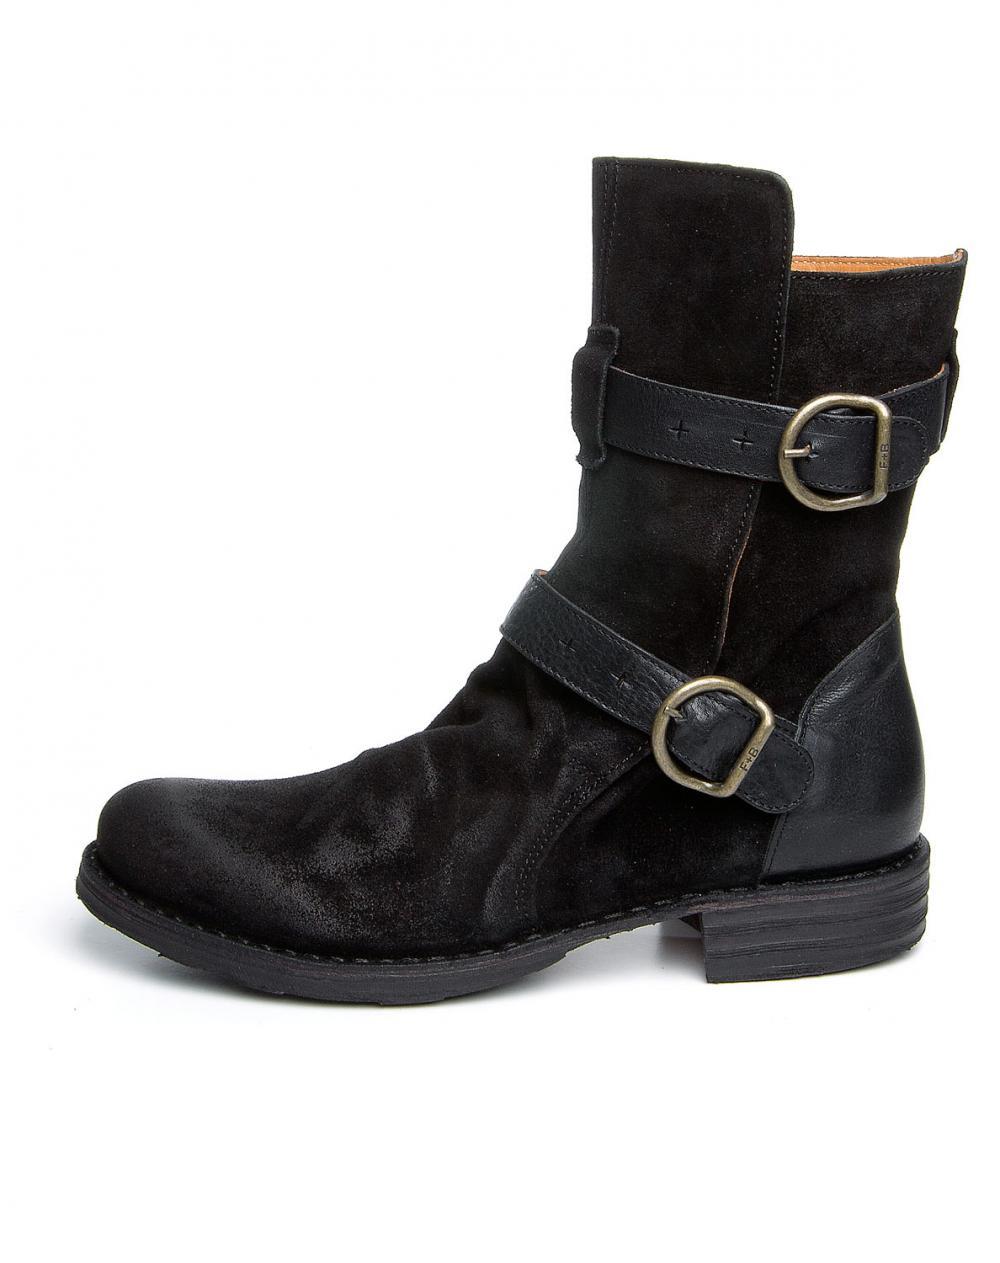 Boot Eternity 713 BIS